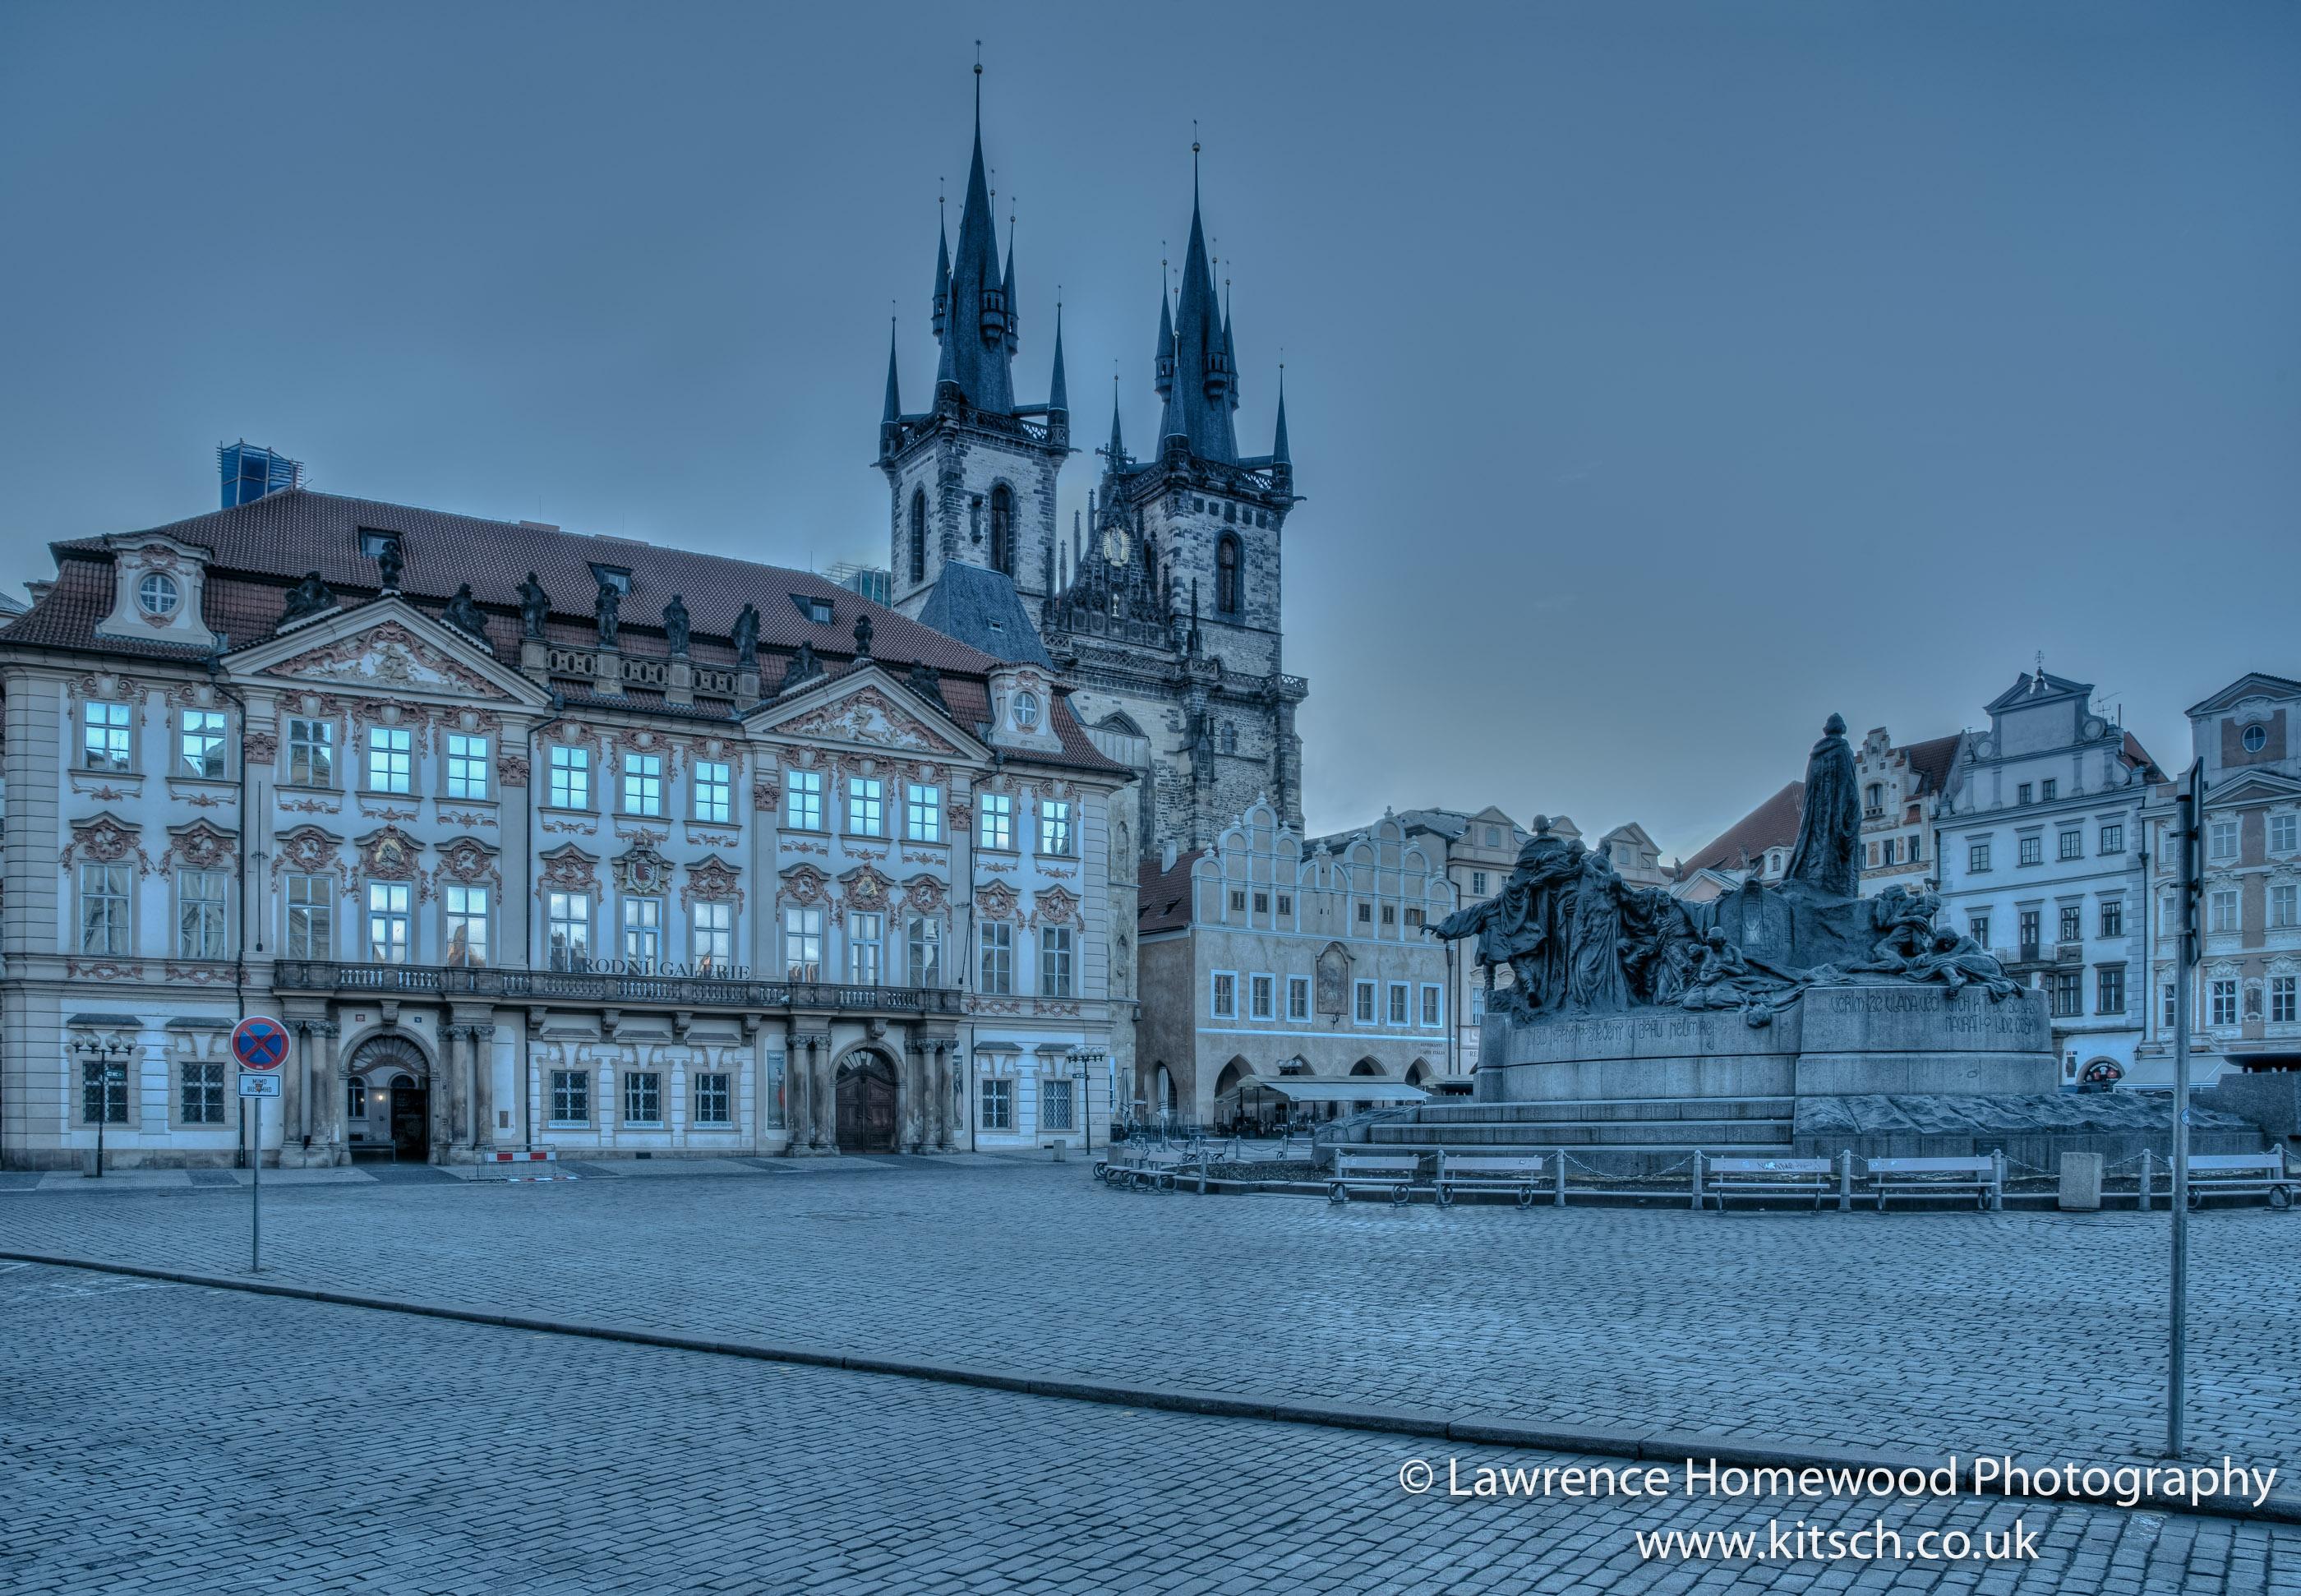 Narodni Galerie Prague